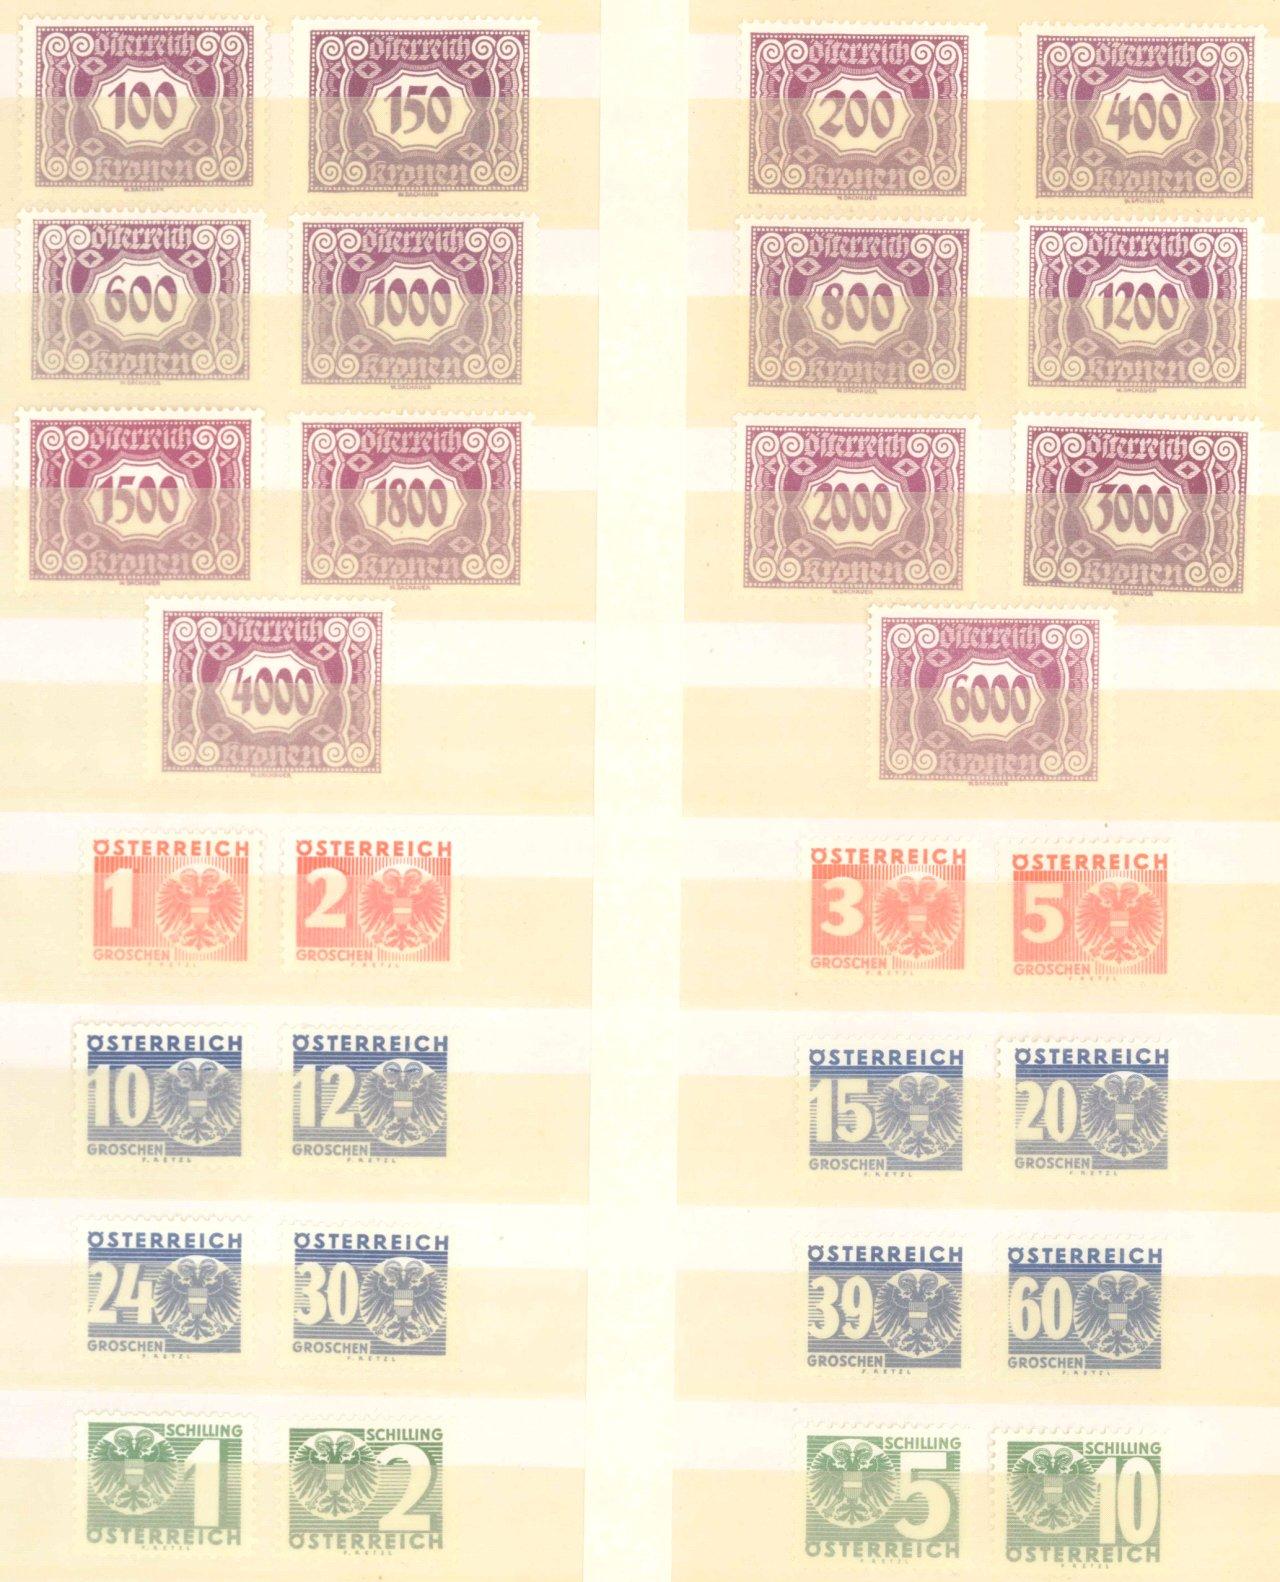 ÖSTERREICH PORTOMARKEN 1922 und 1935